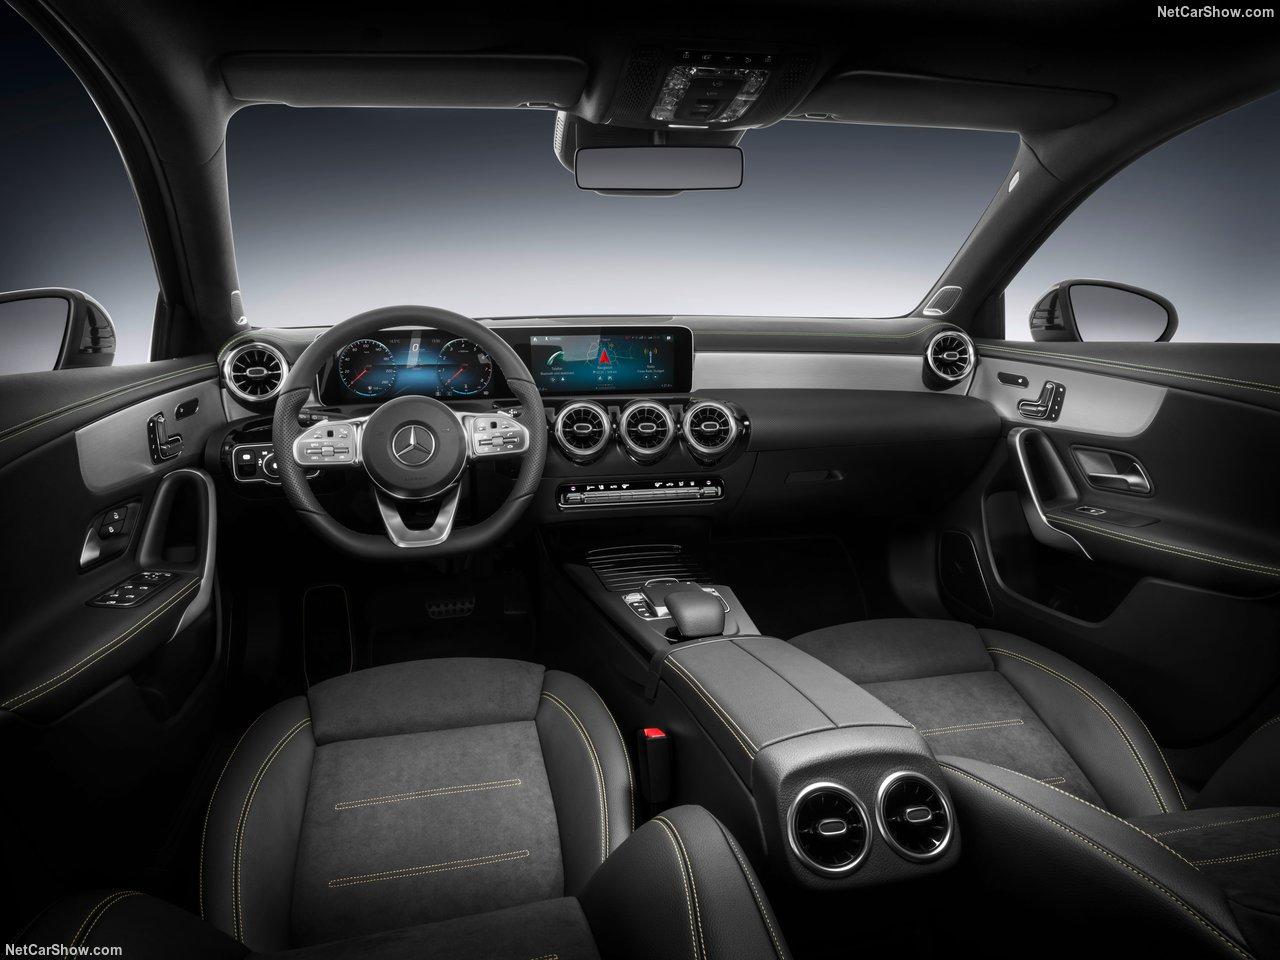 Mercedes-Benz-A-Class-2019-1280-36.jpg